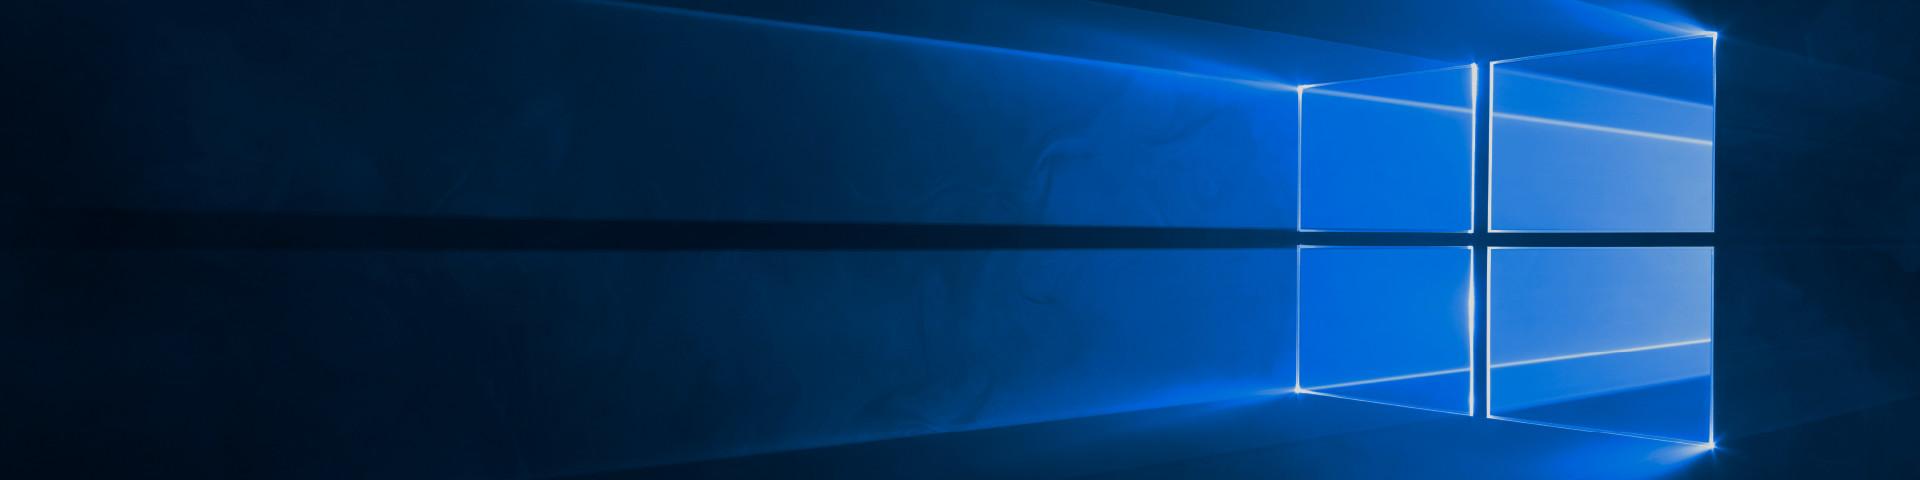 窓をとおして差し込む光、Windows 10 を購入してダウンロード